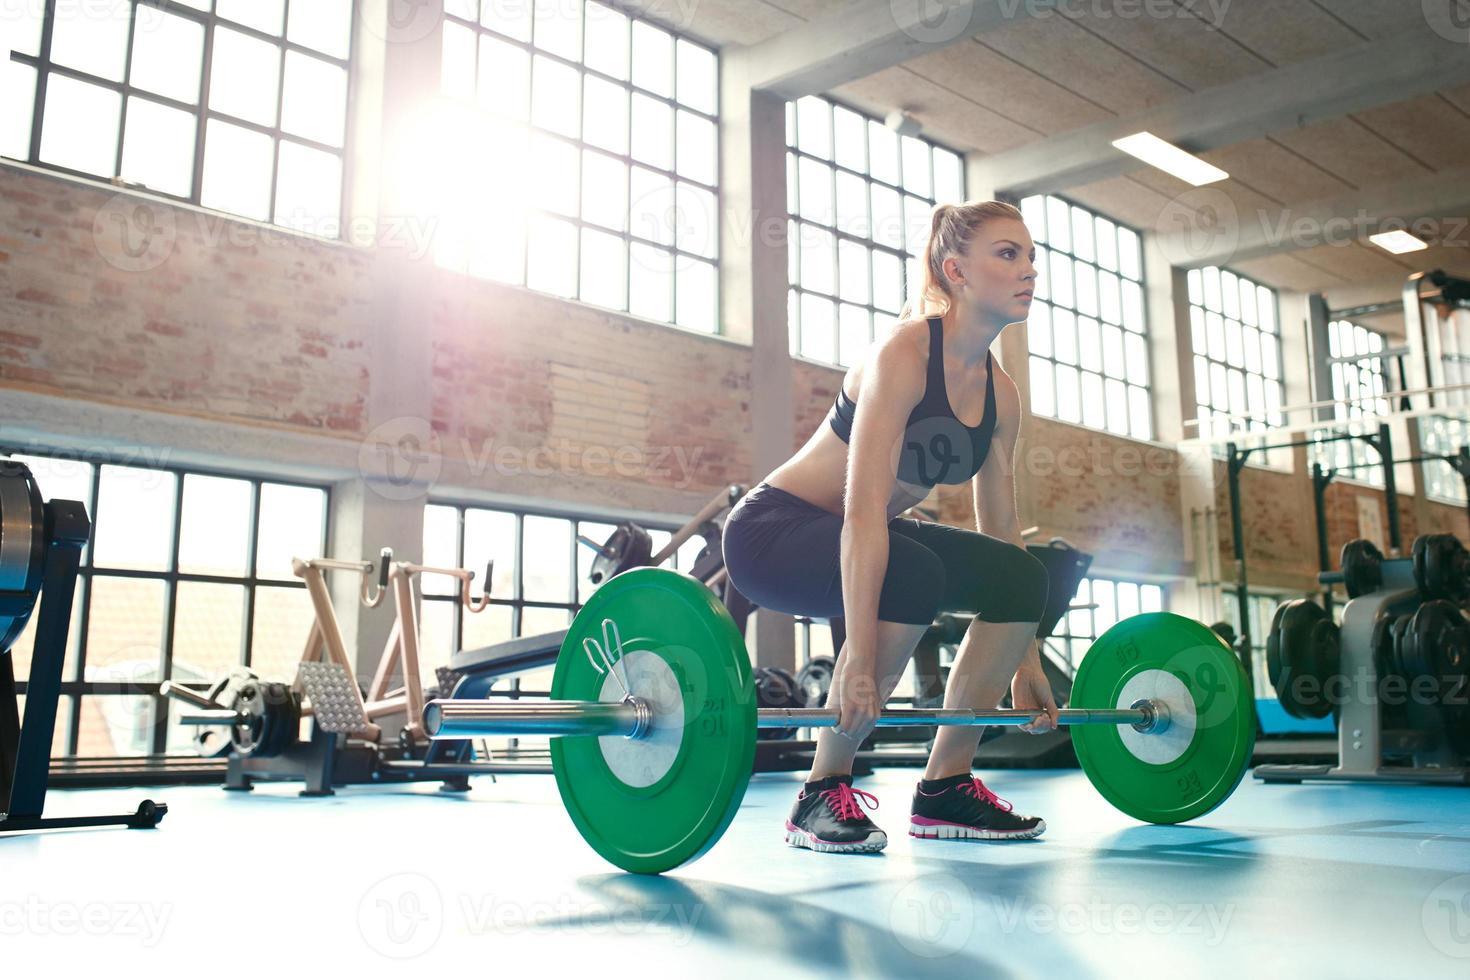 jovem focada, levantamento de pesos em uma academia foto